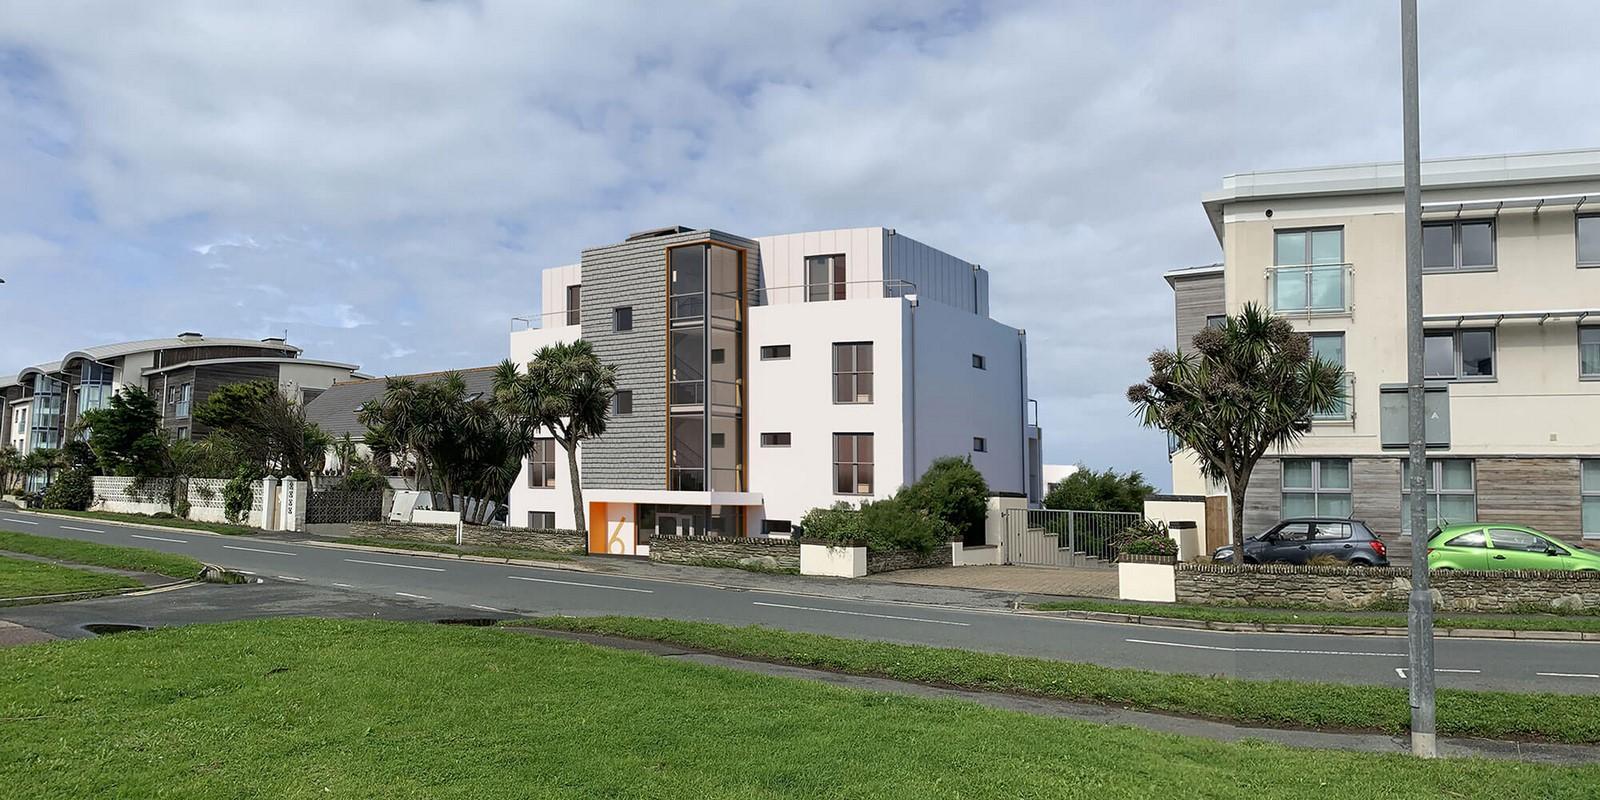 Architects in Plymouth - Top 30 Architects in Plymouth - Sheet1